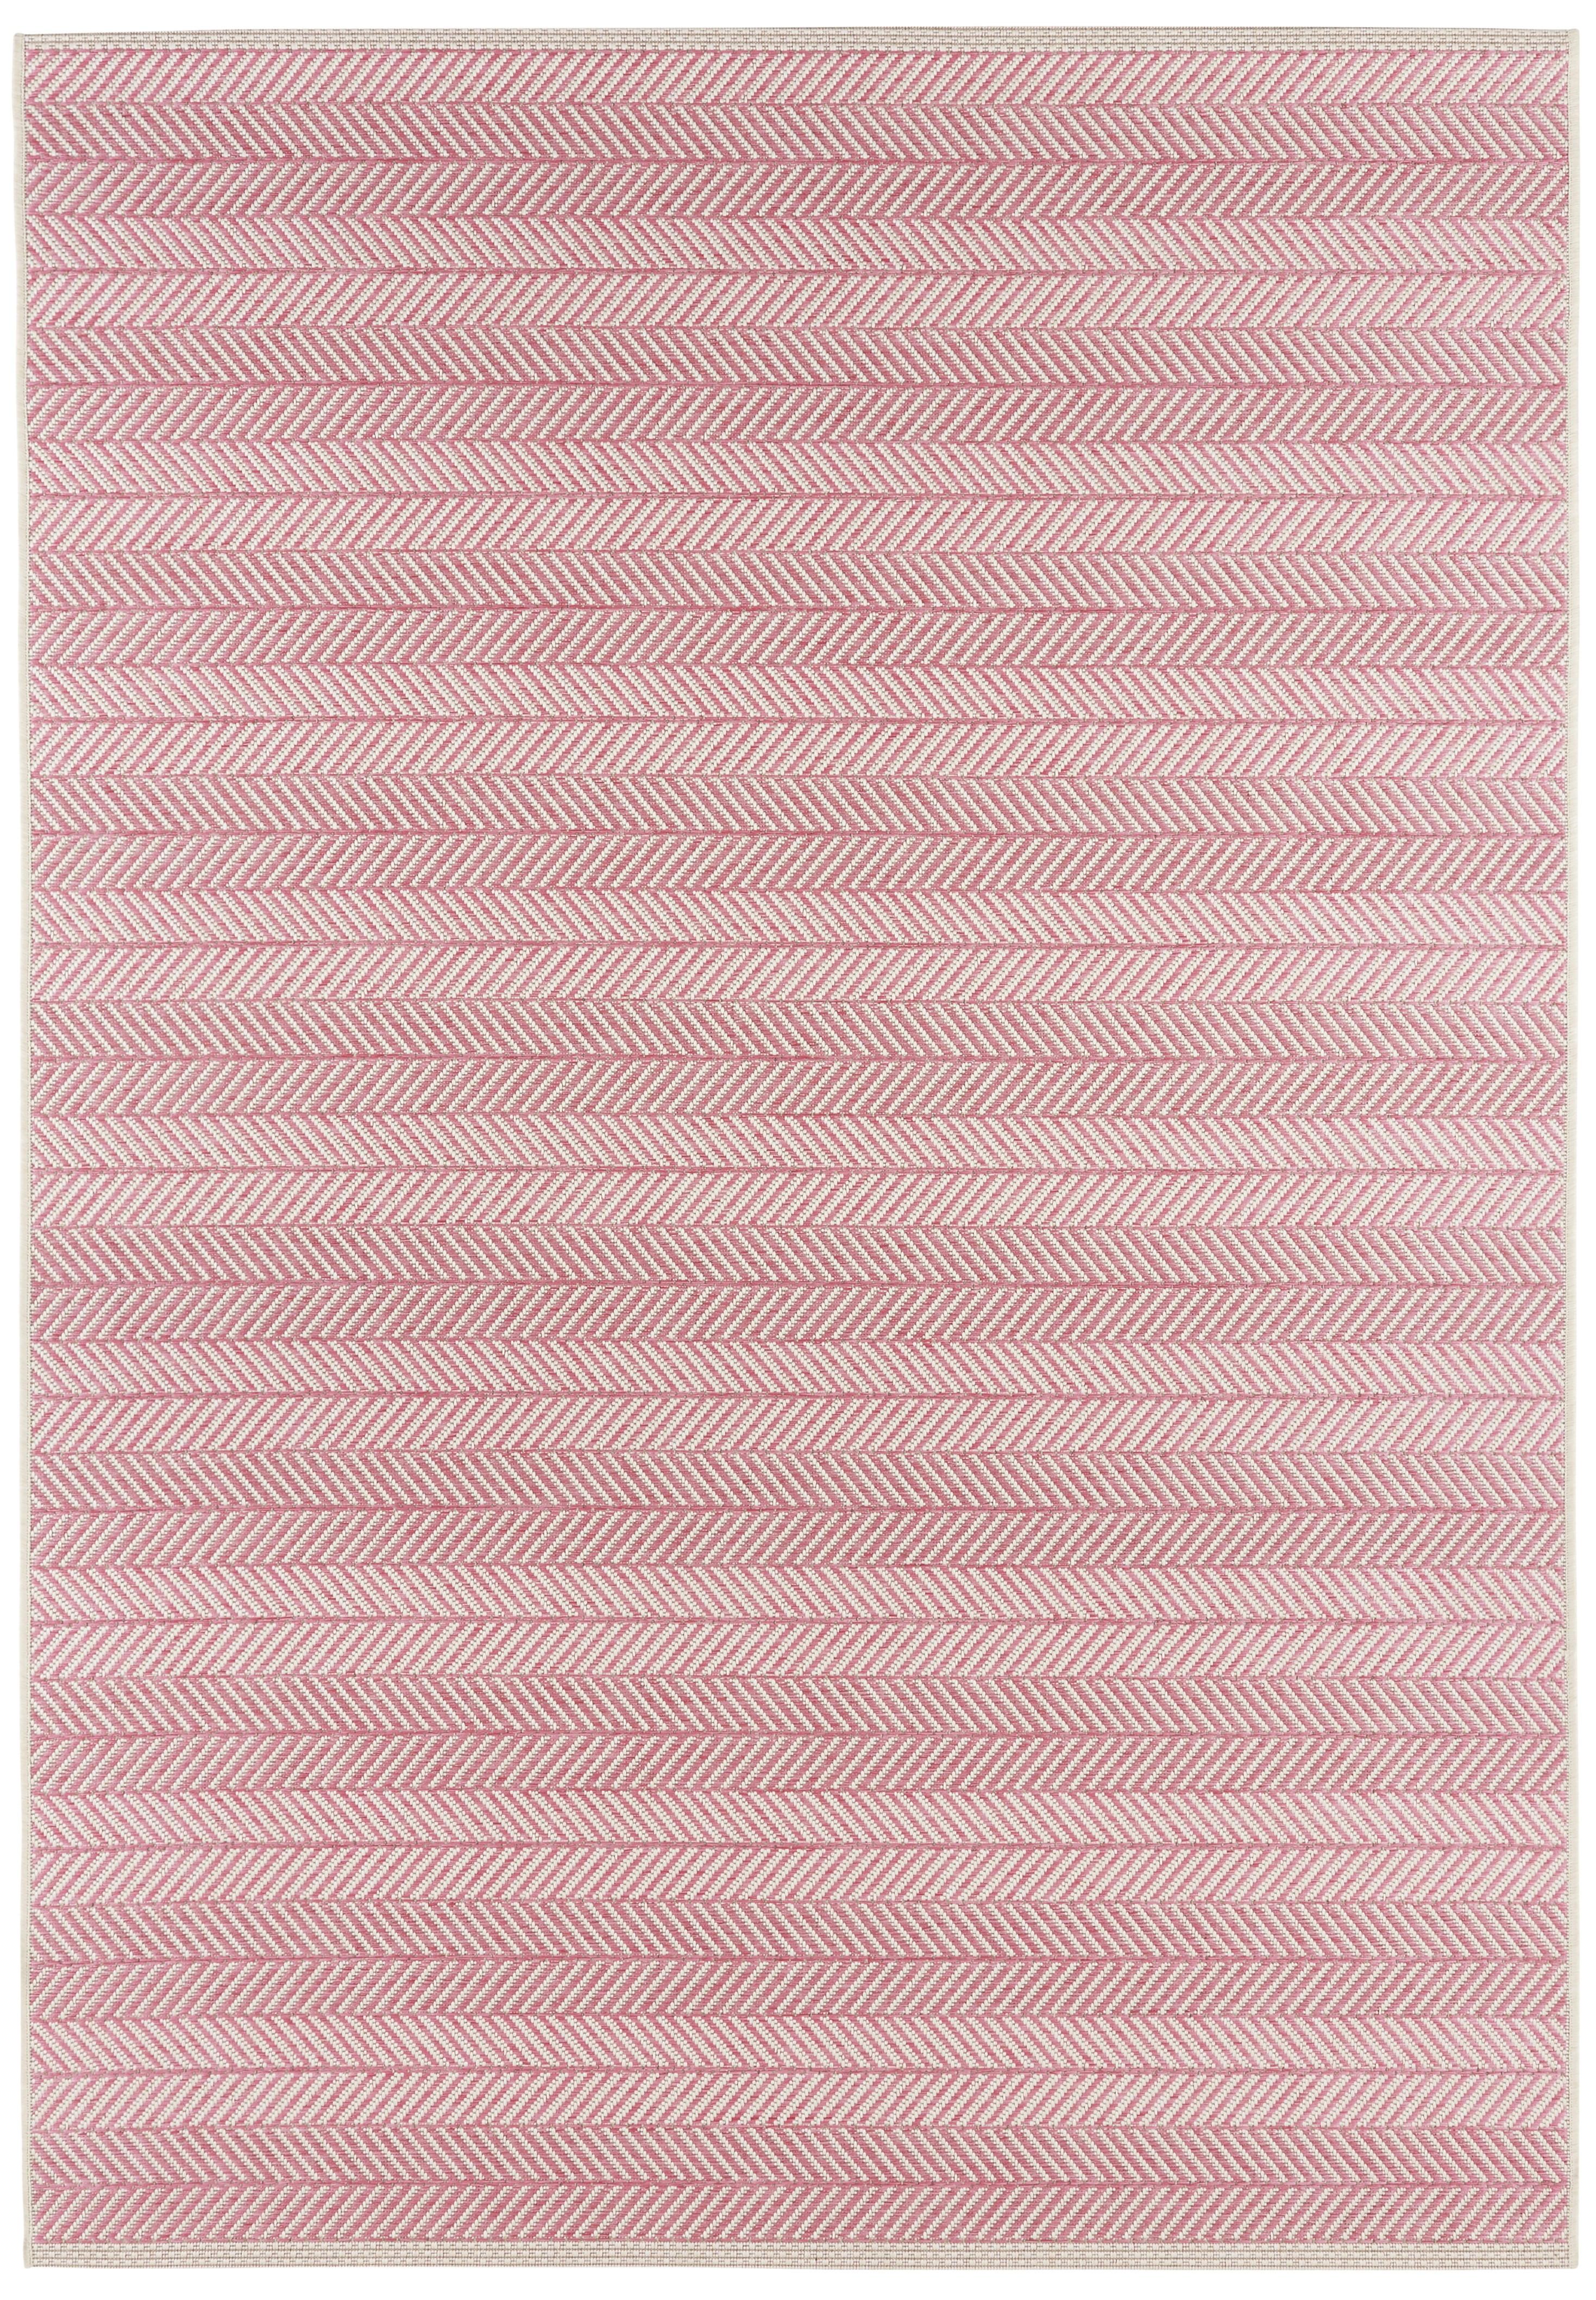 Bougari - Hanse Home koberce Kusový koberec Botany Pink 103308 - 140x200 cm